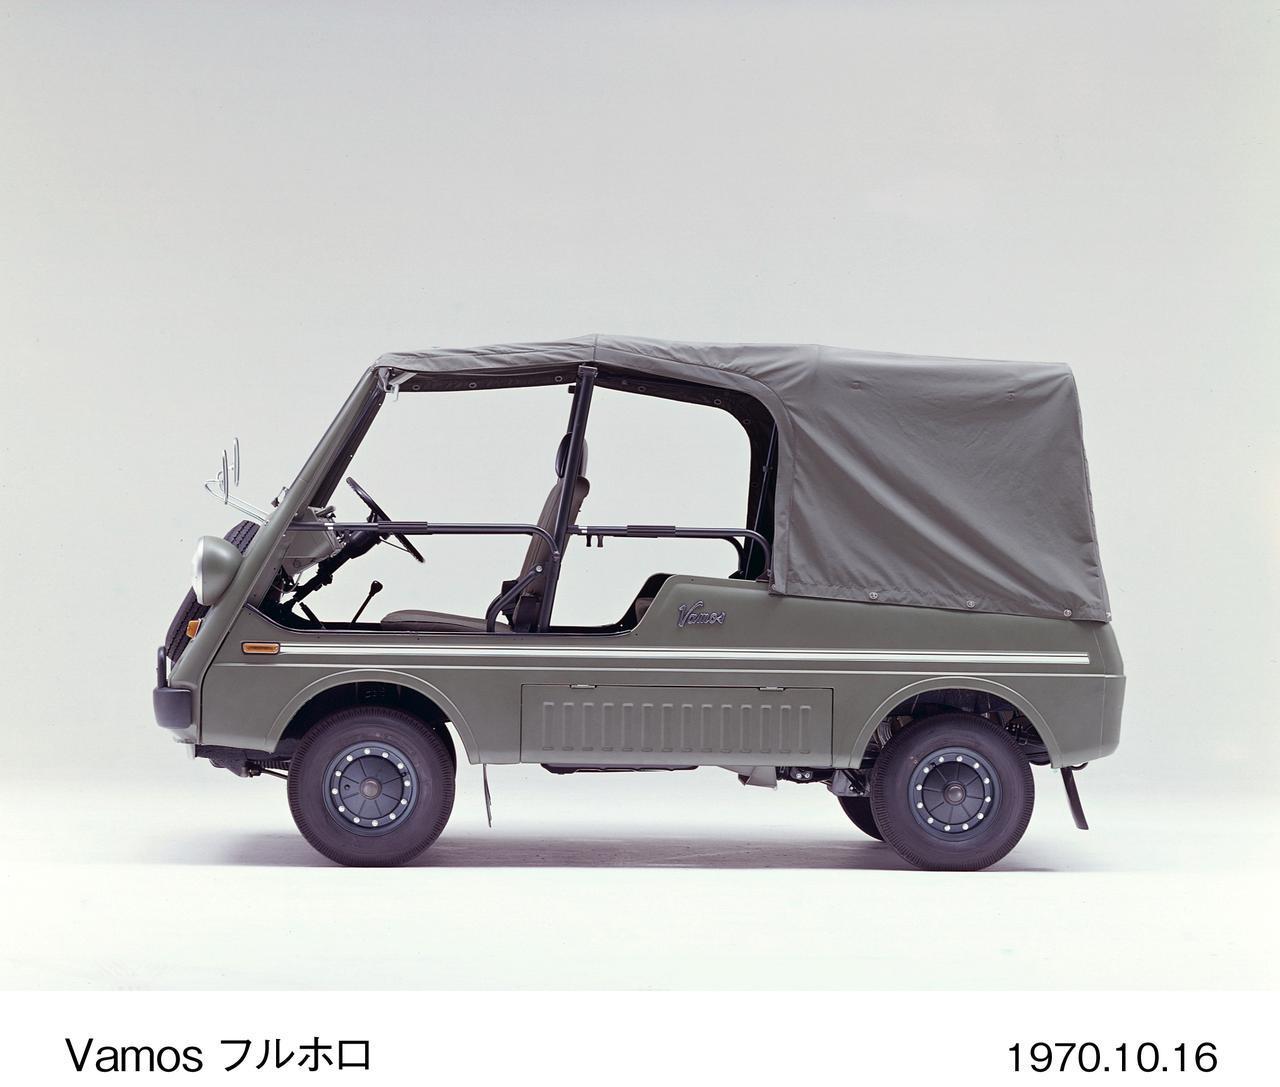 画像: タイプは3つあった。2人乗りのバモス2、4人乗りのバモス4、そして4人乗りでフル幌としたもの。